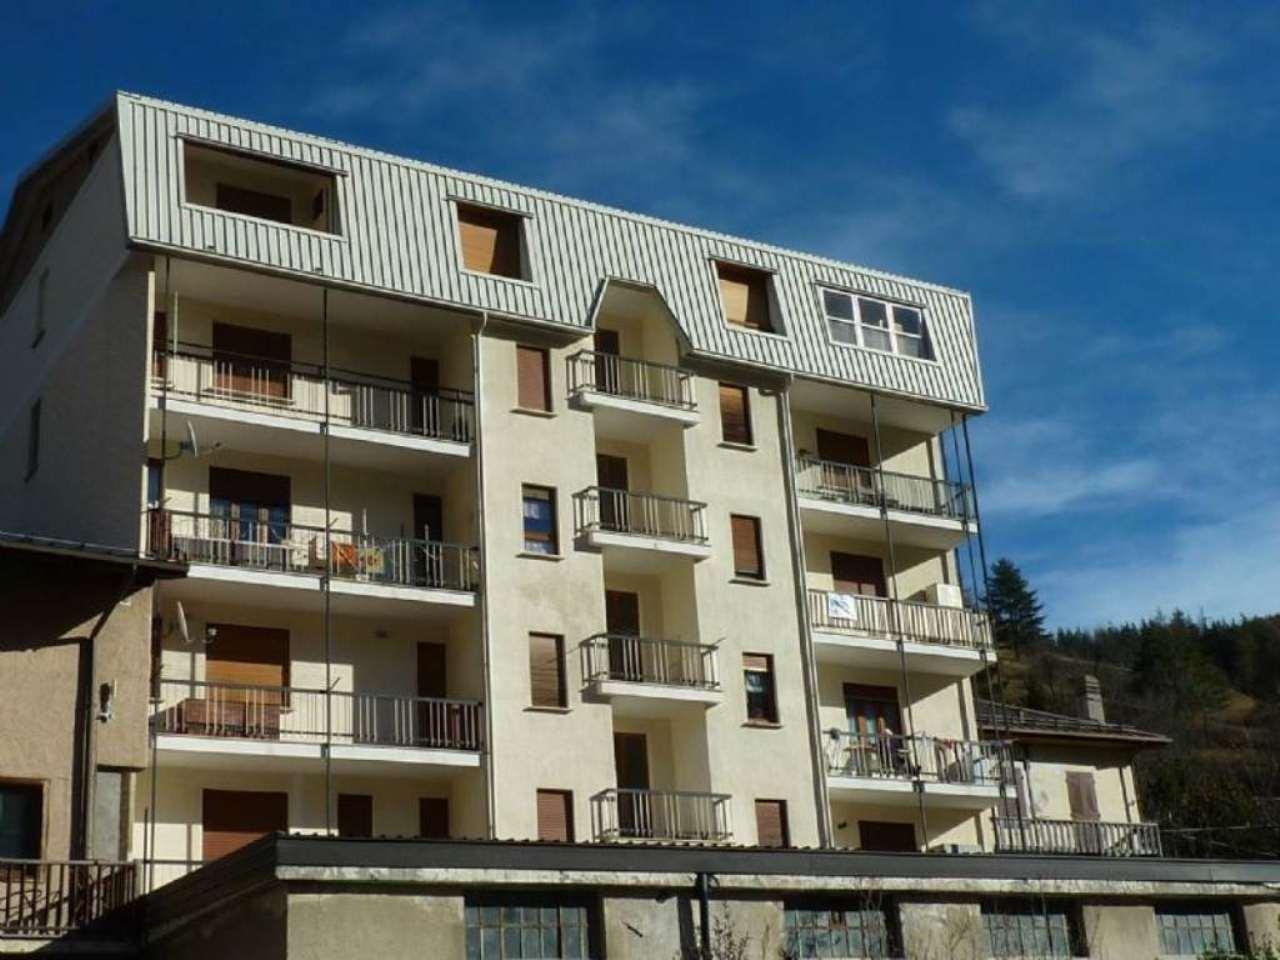 Appartamento in vendita a Cesana Torinese, 2 locali, prezzo € 110.000 | CambioCasa.it